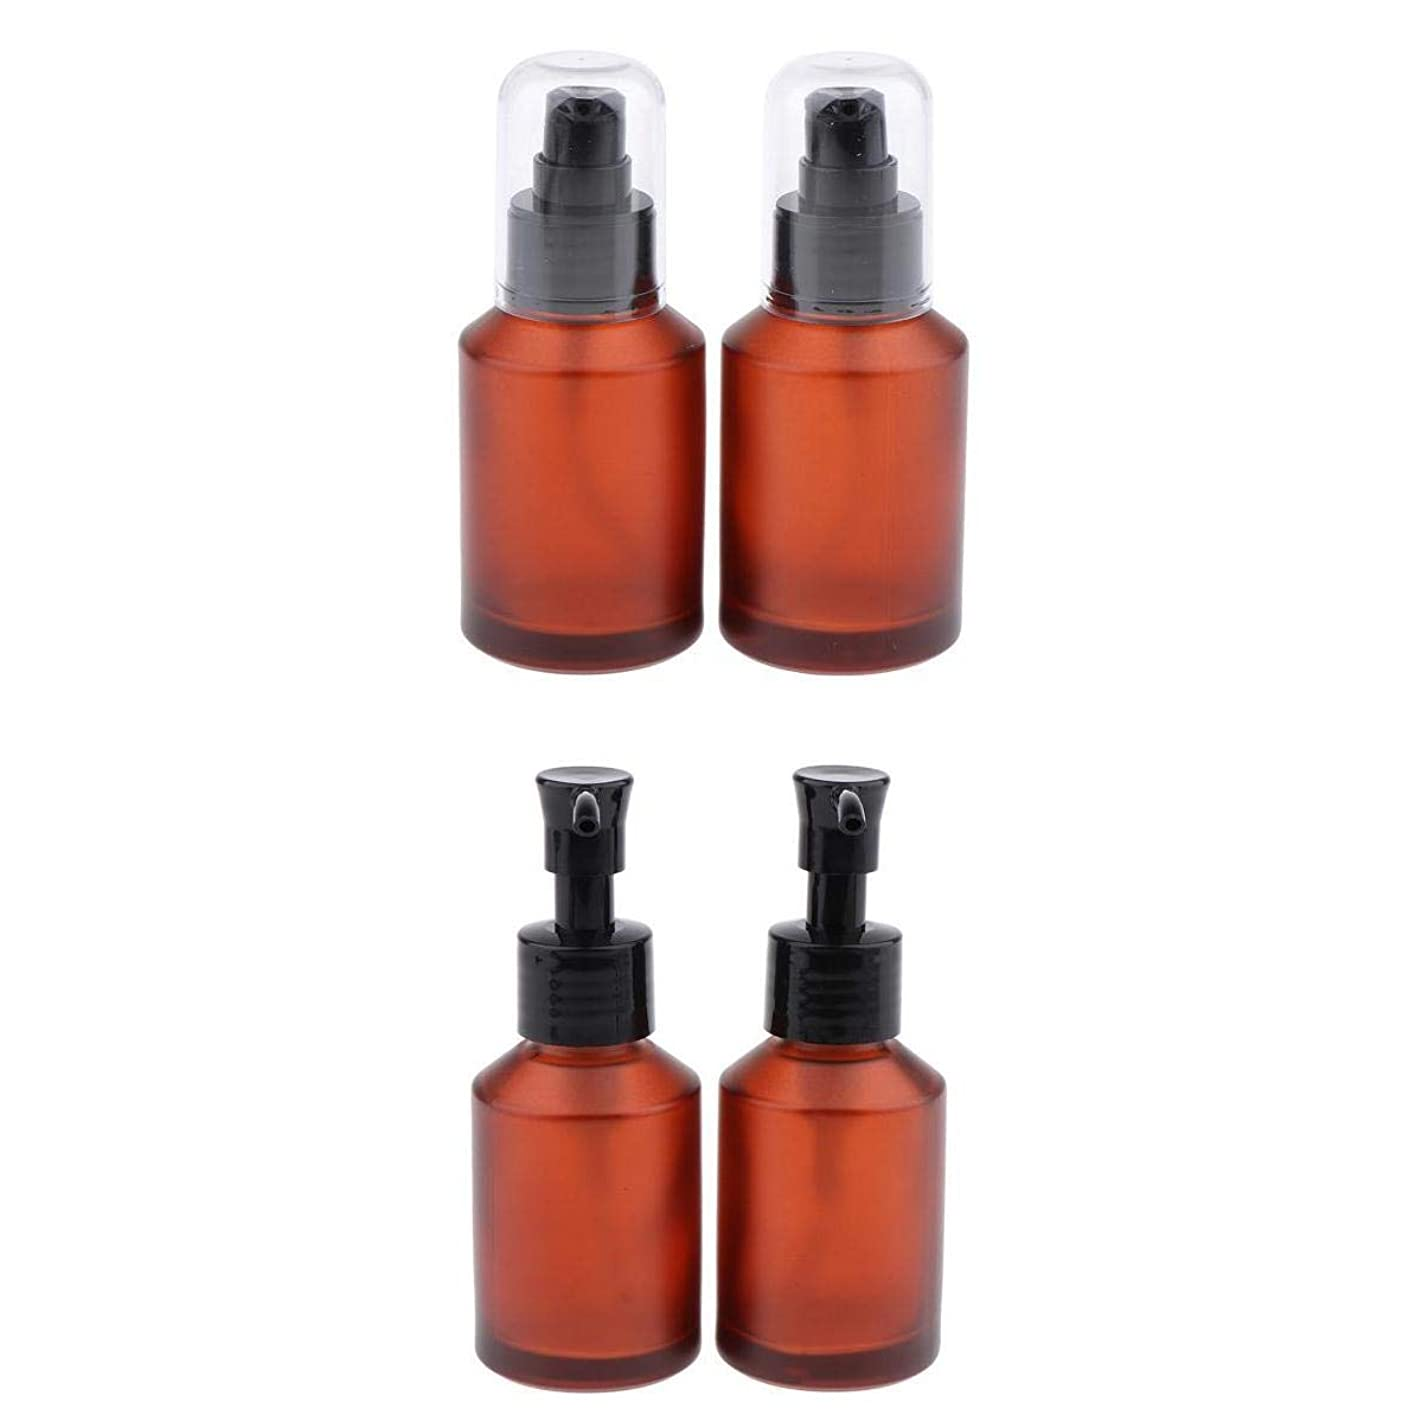 スピーカー分離医師T TOOYFUL 4個セット スプレーボトル スポイト瓶 遮光瓶 ガラス製 精油瓶 詰め替え アロマ保存容器 小分け用